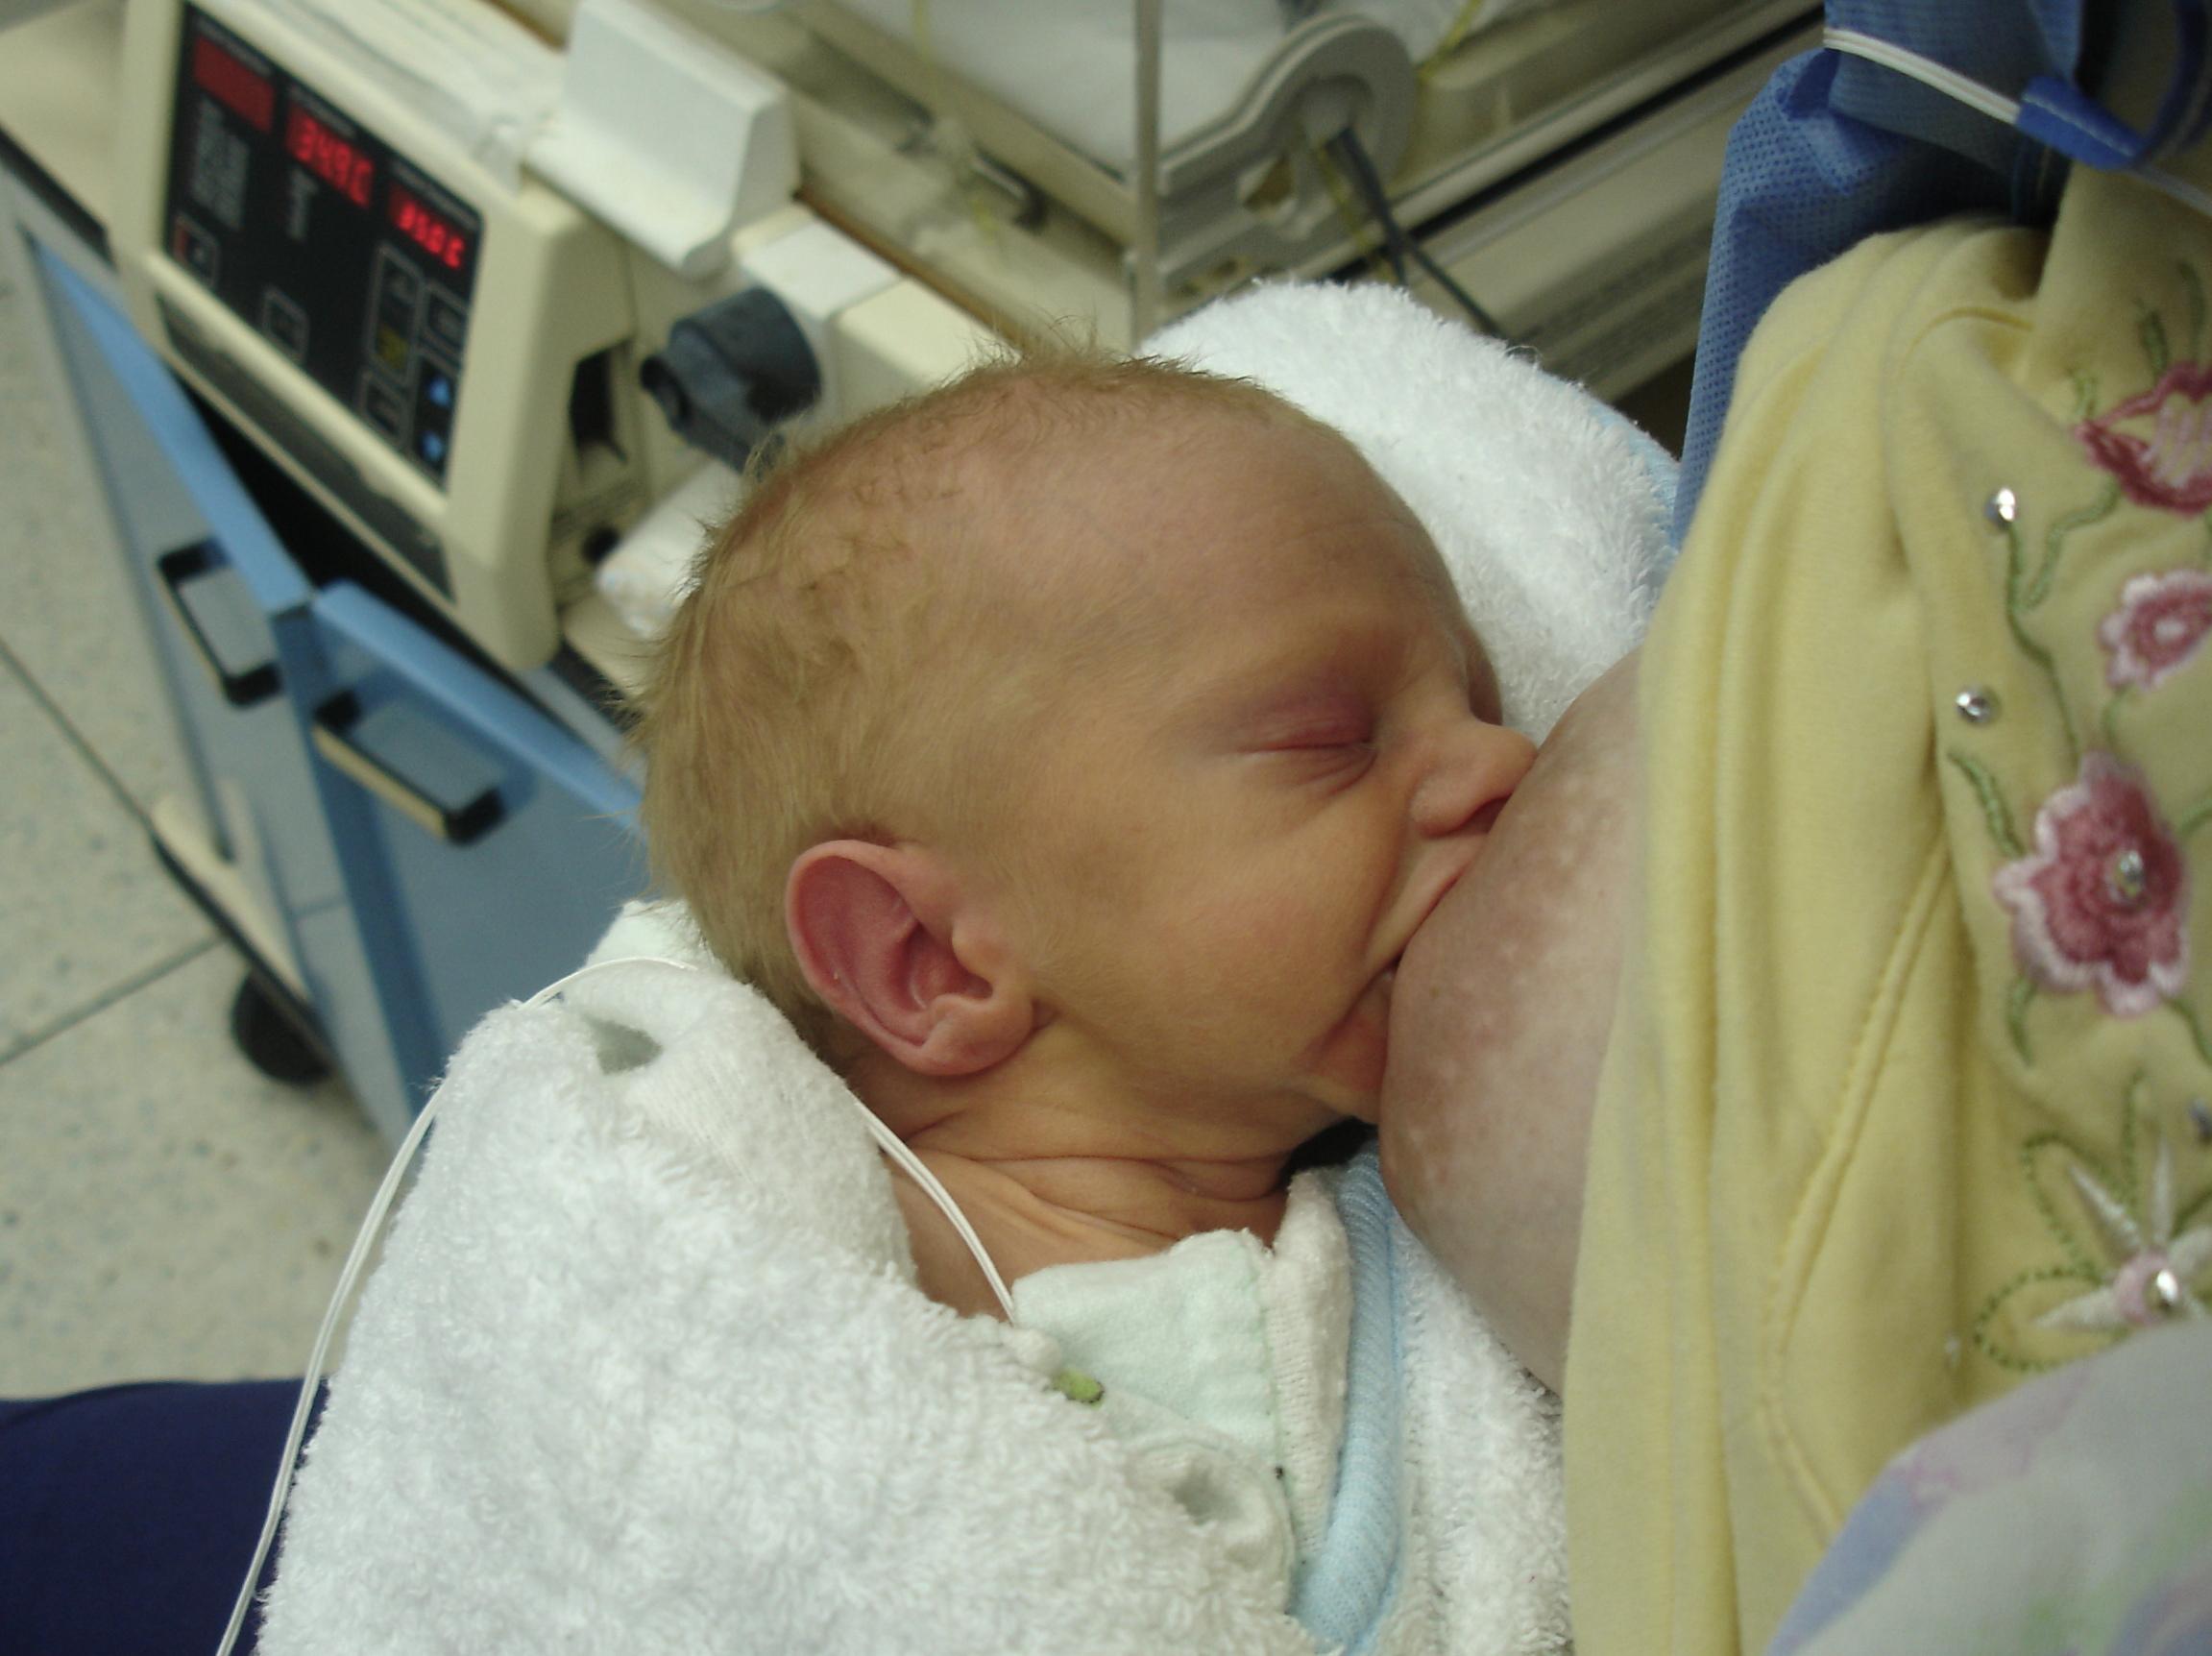 Presión arterial normal para un niño de 19 meses